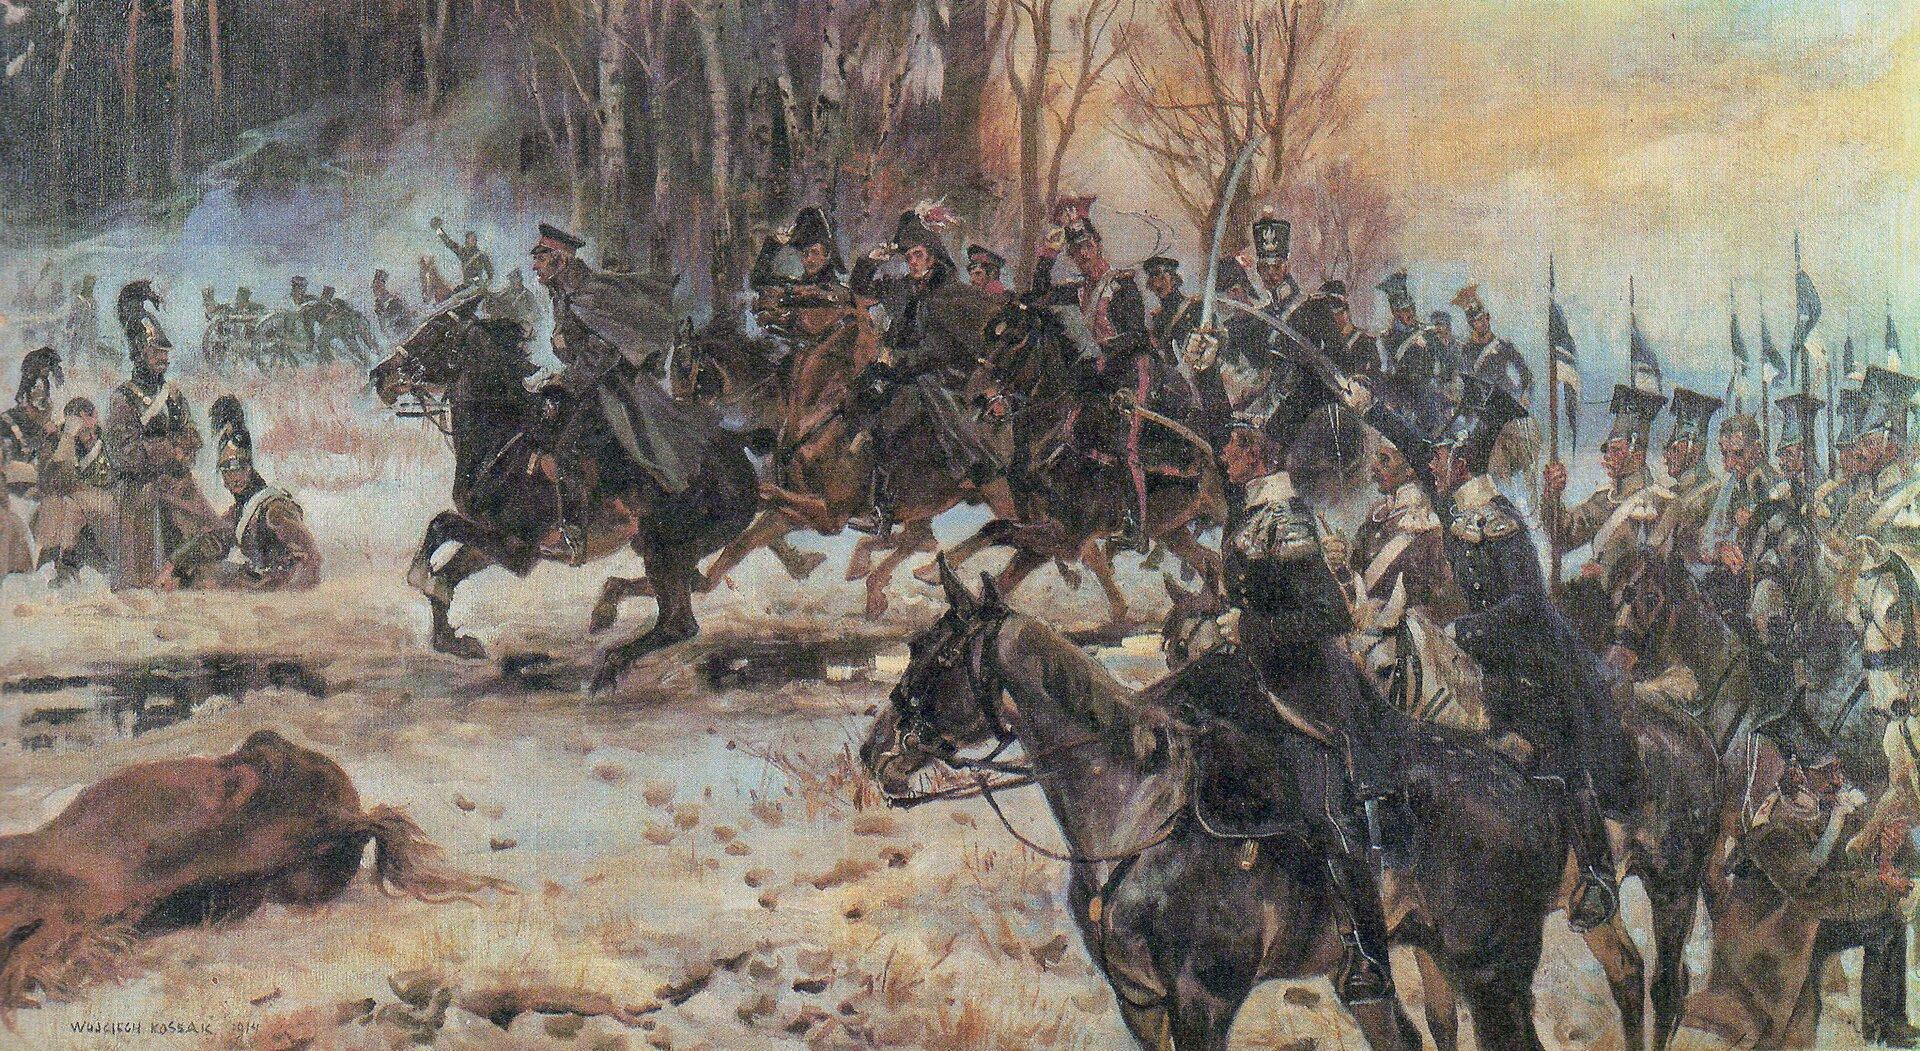 Chłopicki ze sztabem pod Olszynką Źródło: Wojciech Kossak, Chłopicki ze sztabem pod Olszynką, 1914, domena publiczna.